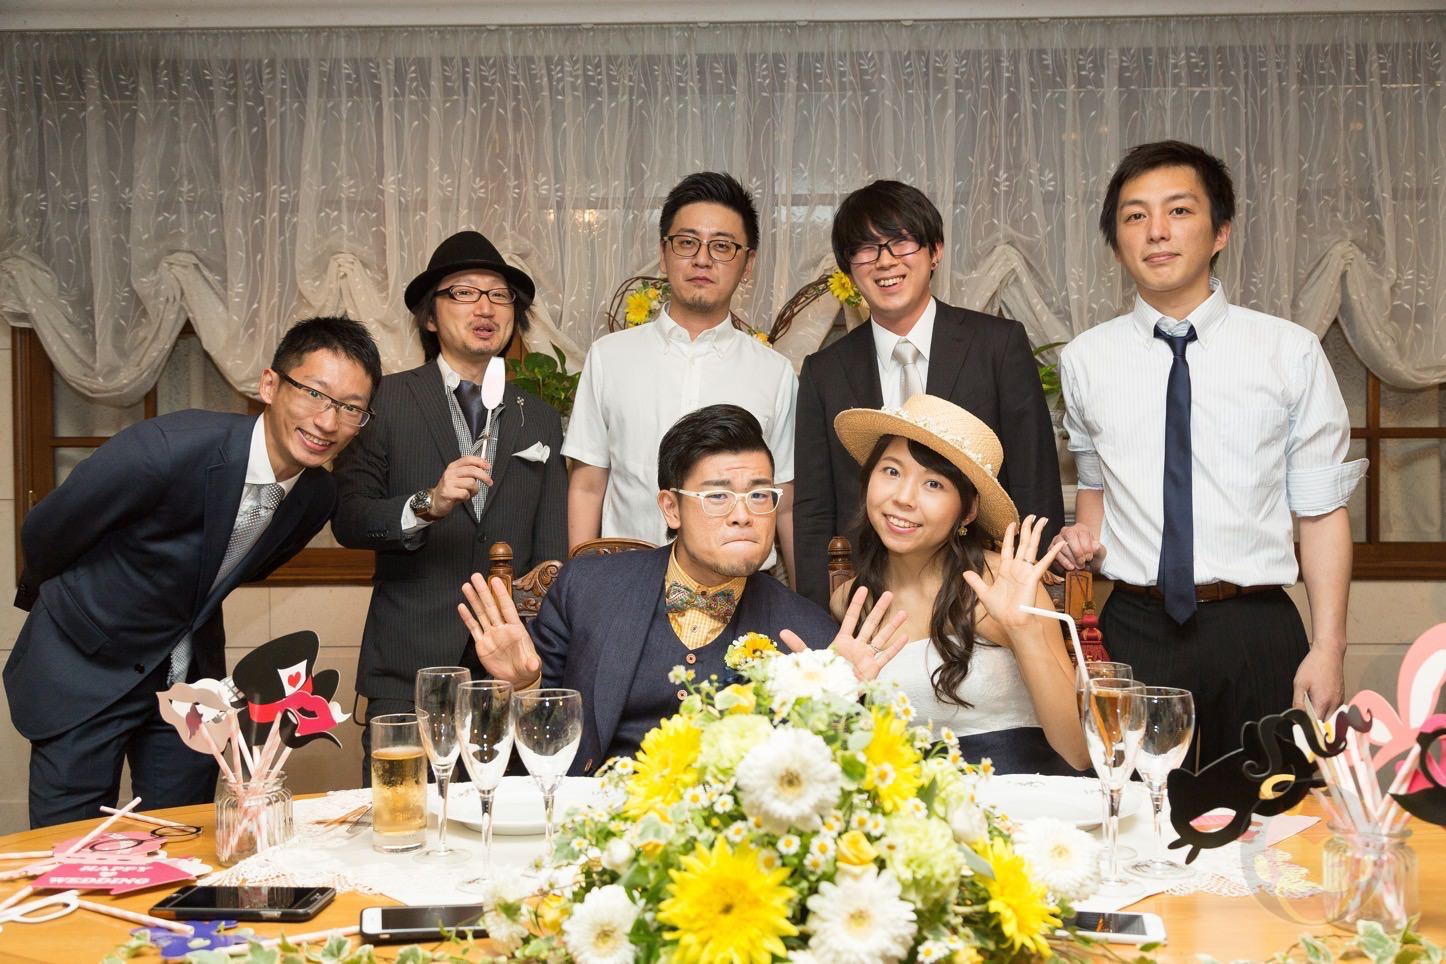 Hanzoya-Wedding-GoriMeYomeMe-132.jpg